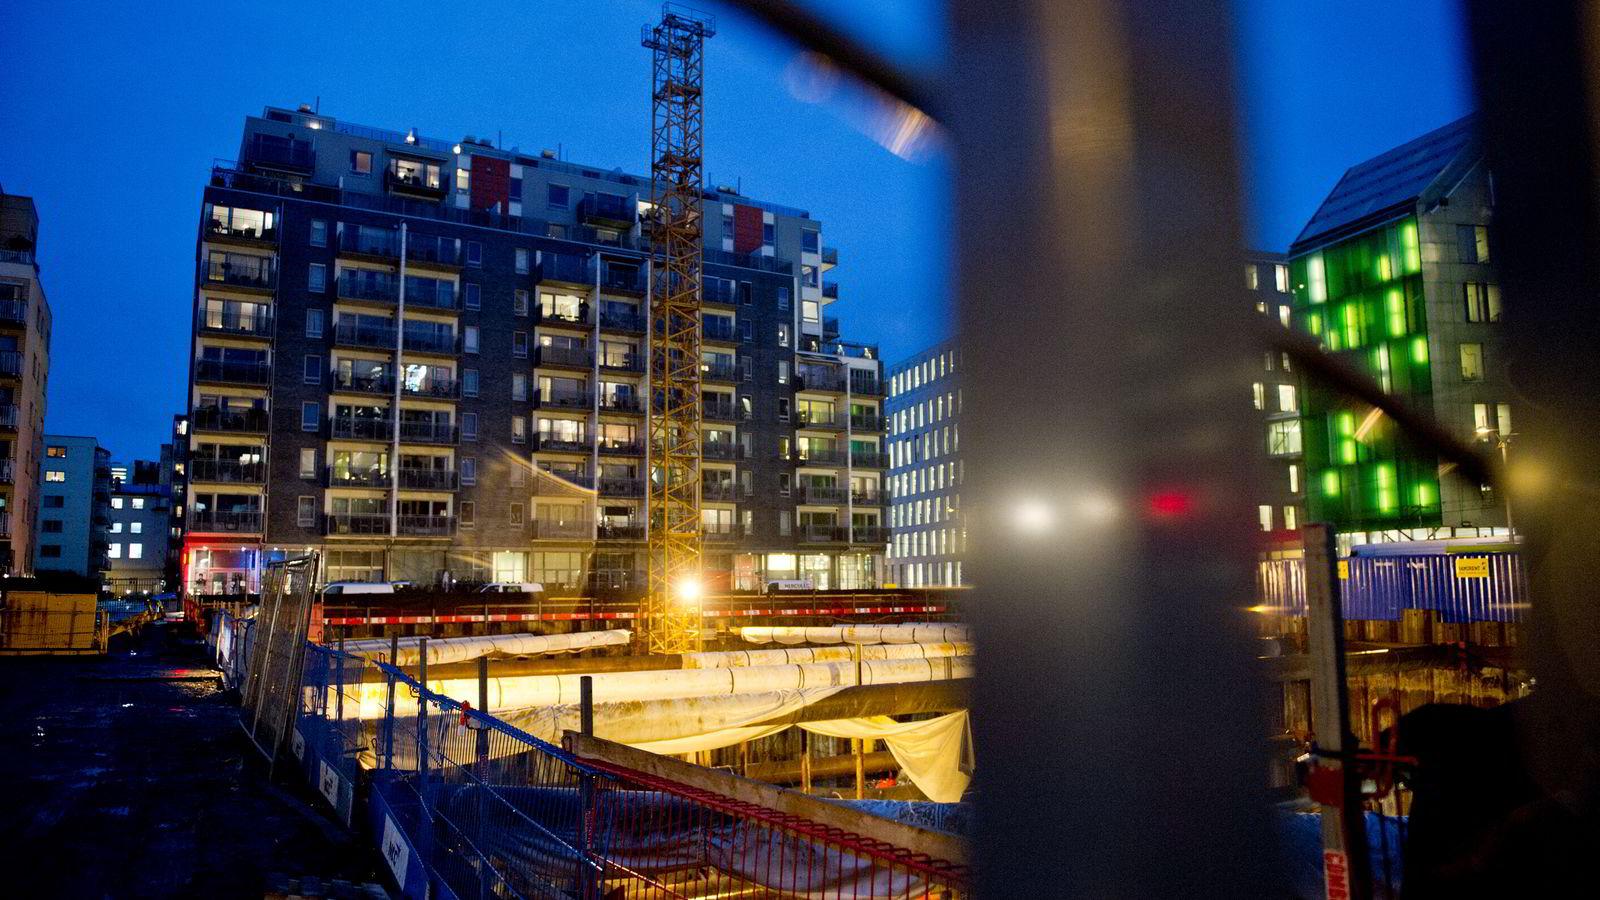 Det bygges altfor få boliger i Oslo i forhold til behovet. Foto: Thomas Haugersveen